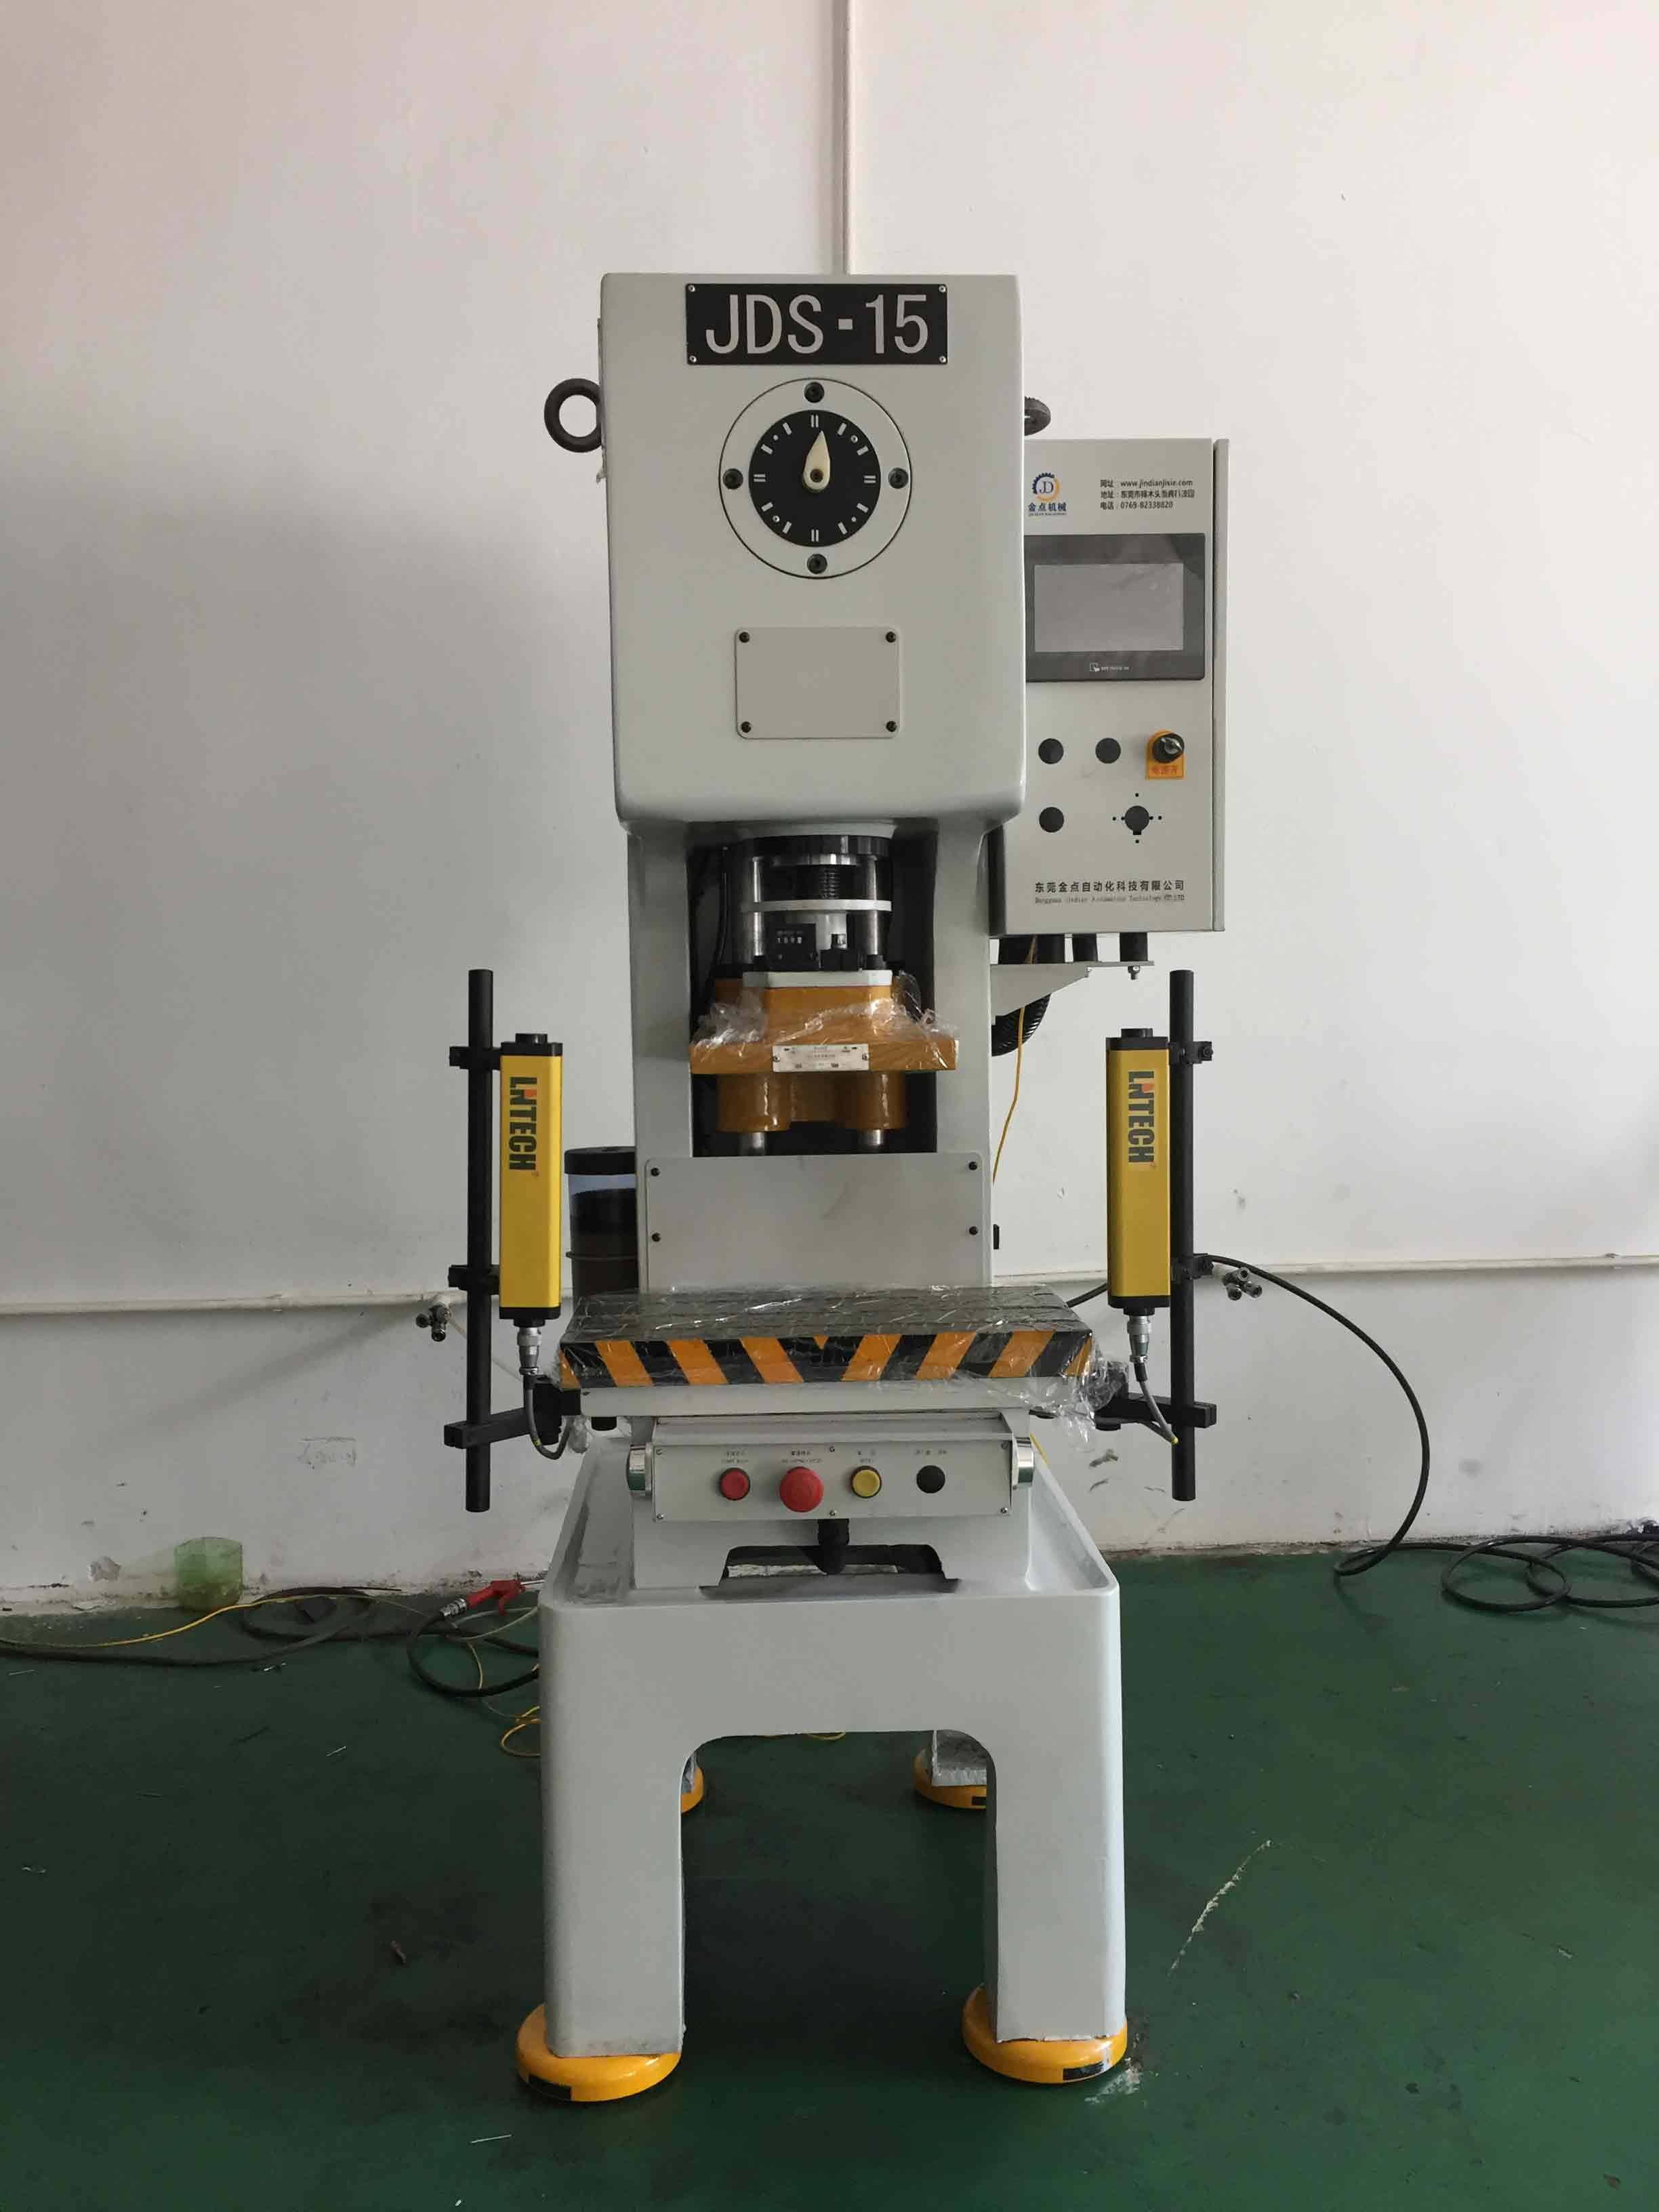 清远小型模切机用途_金点机械_阳江进口模切机好不好用_万江小型模切机什么用